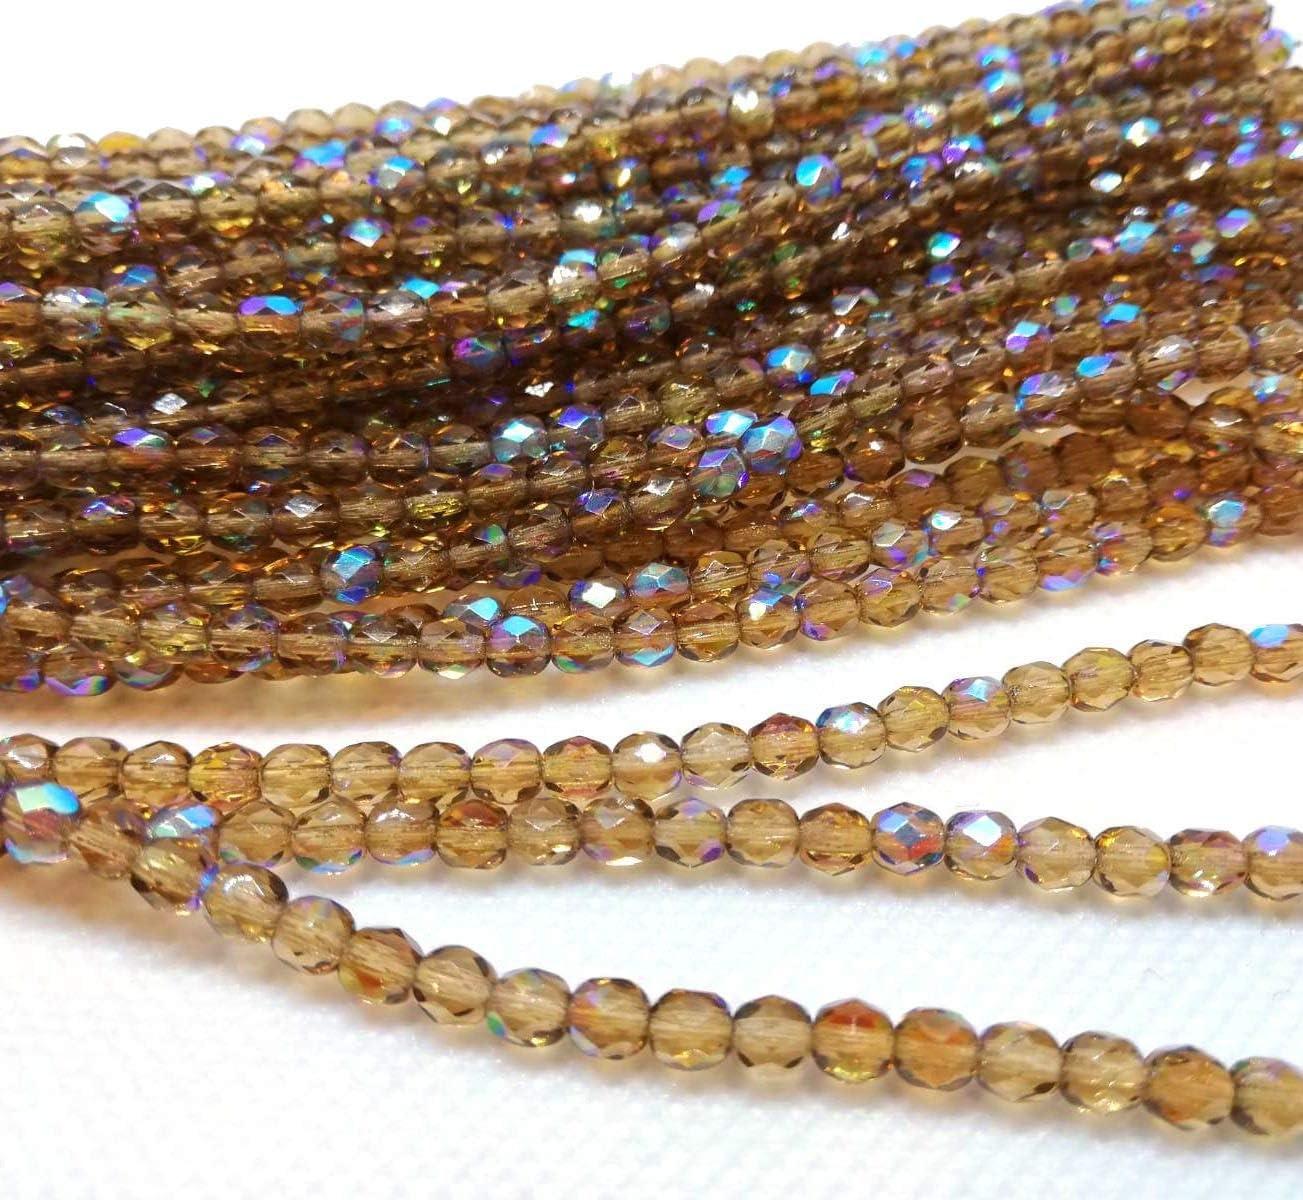 Cristal Perlas de Cristal Preciosa Bohemia Cristal Tallado Perlas 4 mm Pulido al Fuego facetado Redondo CZ Checa impresión Perlas Color a Elegir, Cristal, Light Colorado Topaz AB, 4mm